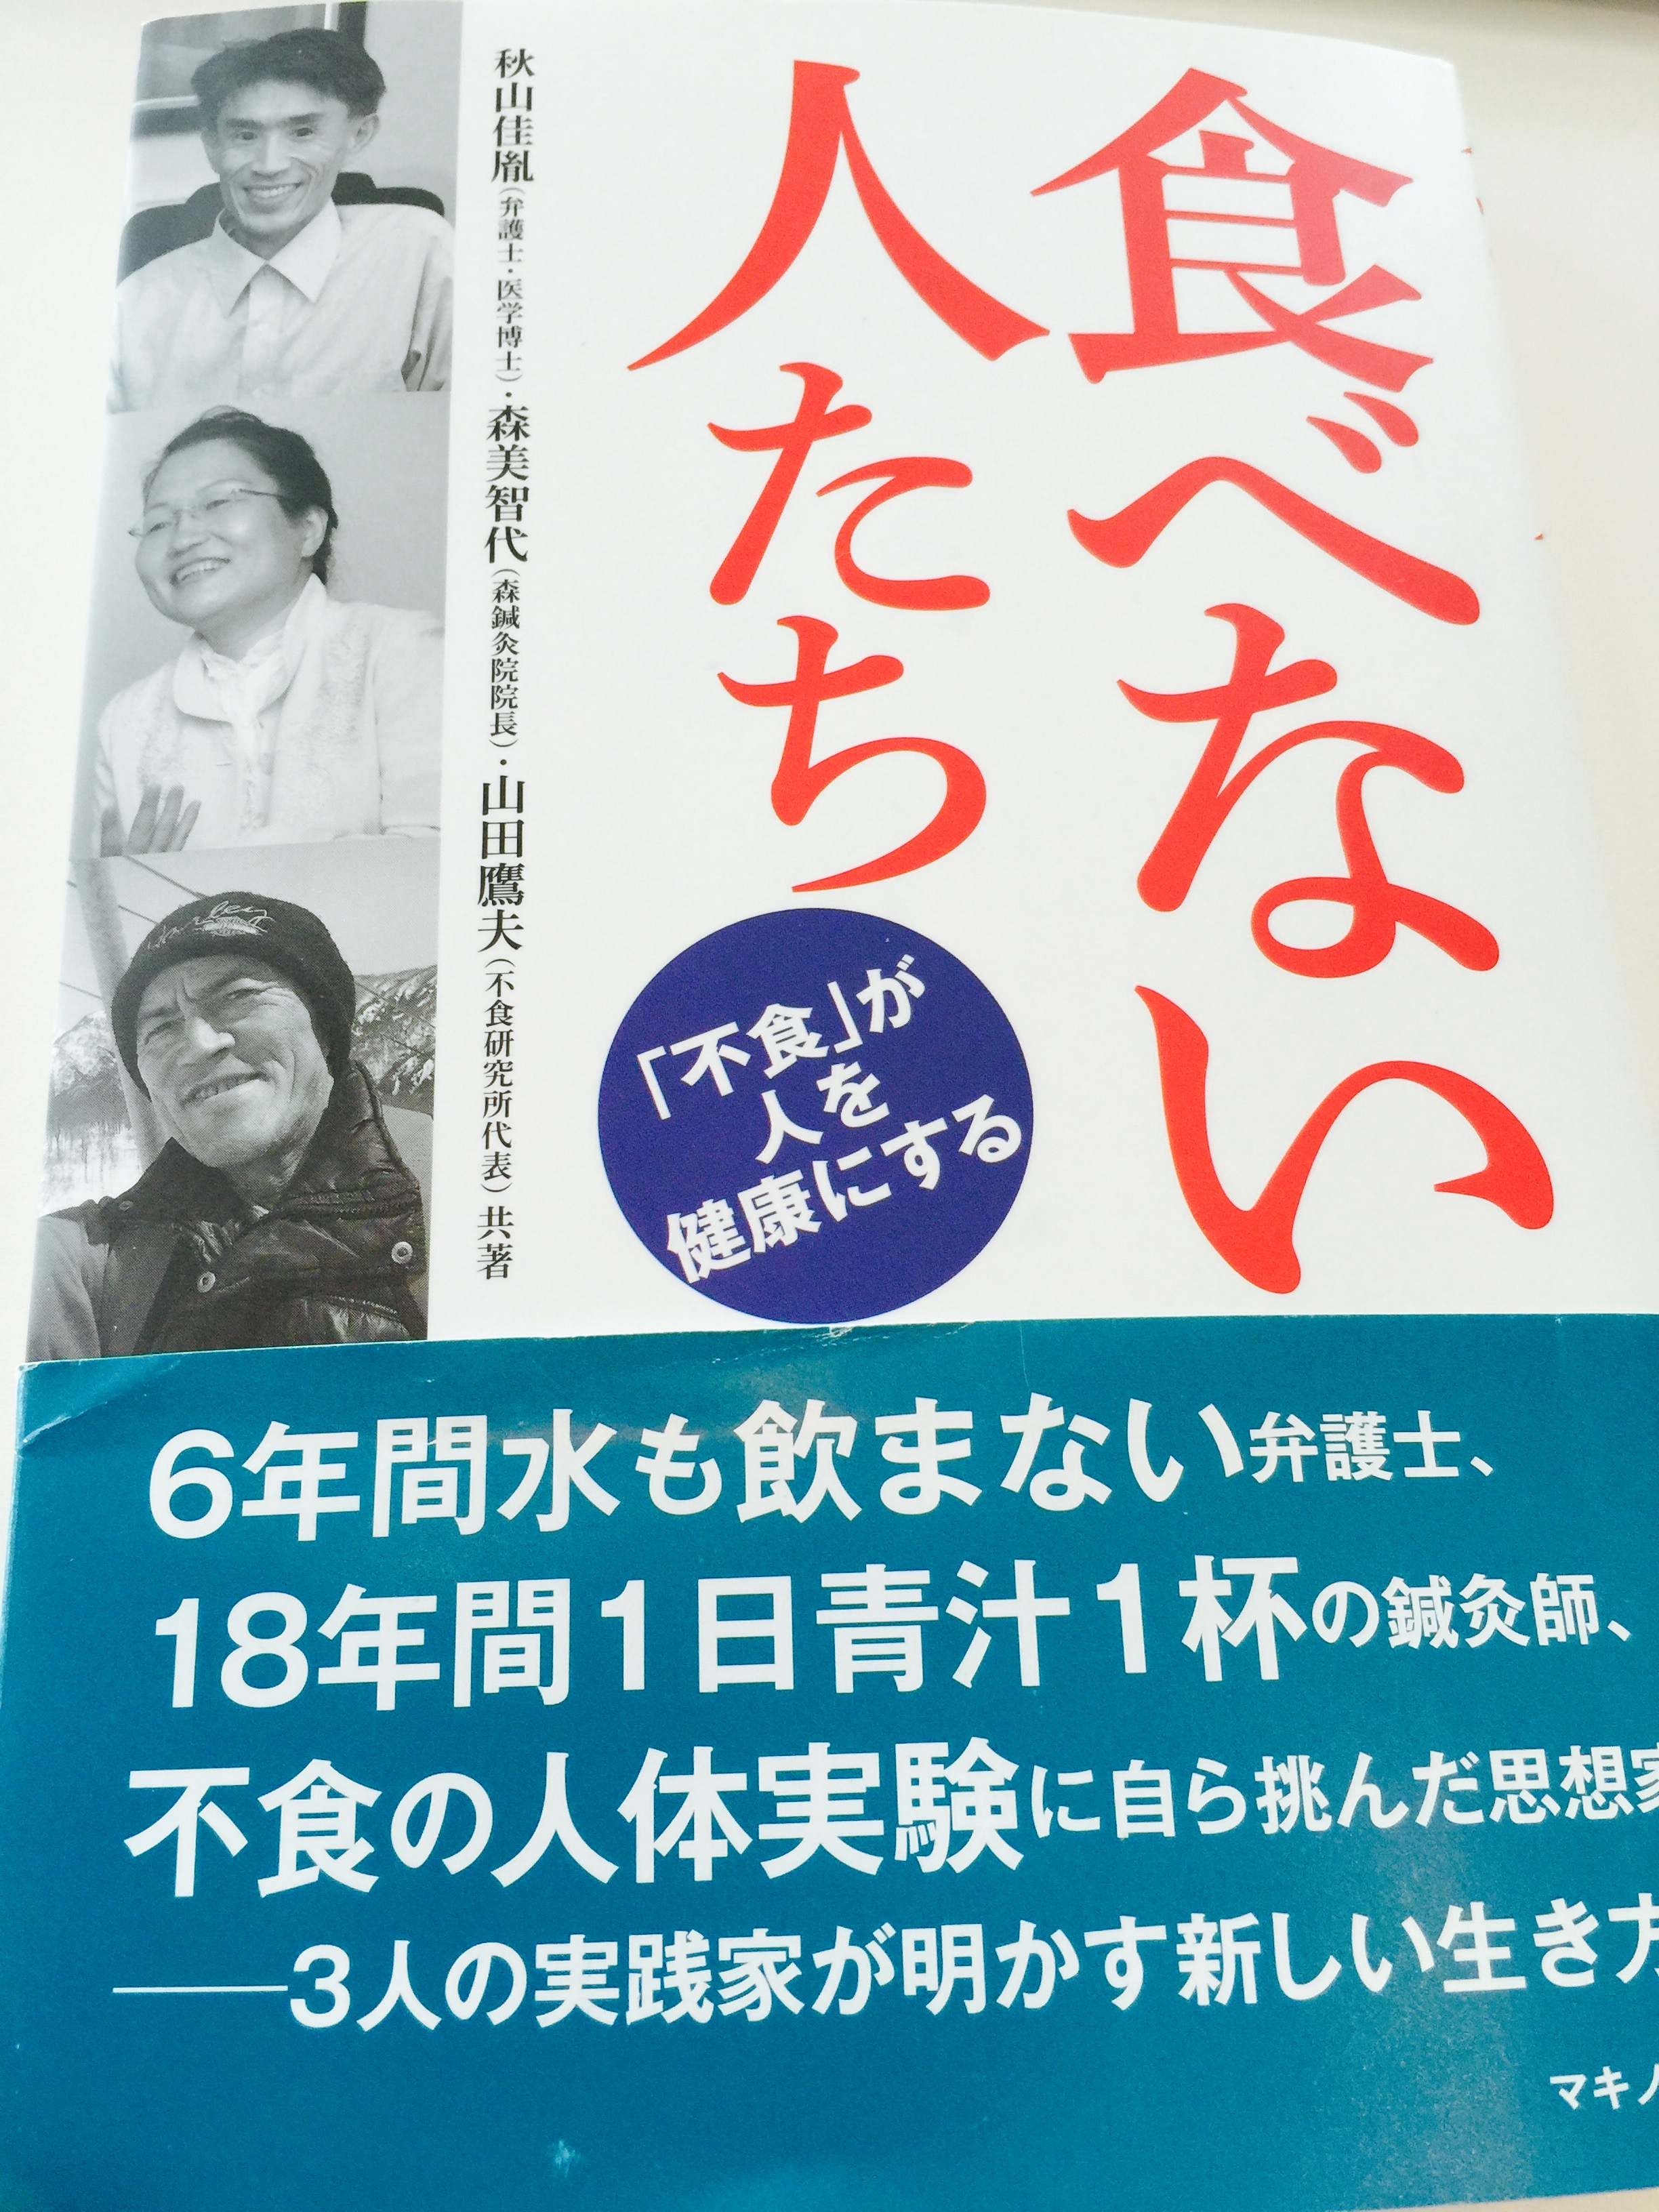 書評「食べない人たち」 秋山佳胤、森美智代、山田鷹夫 共著